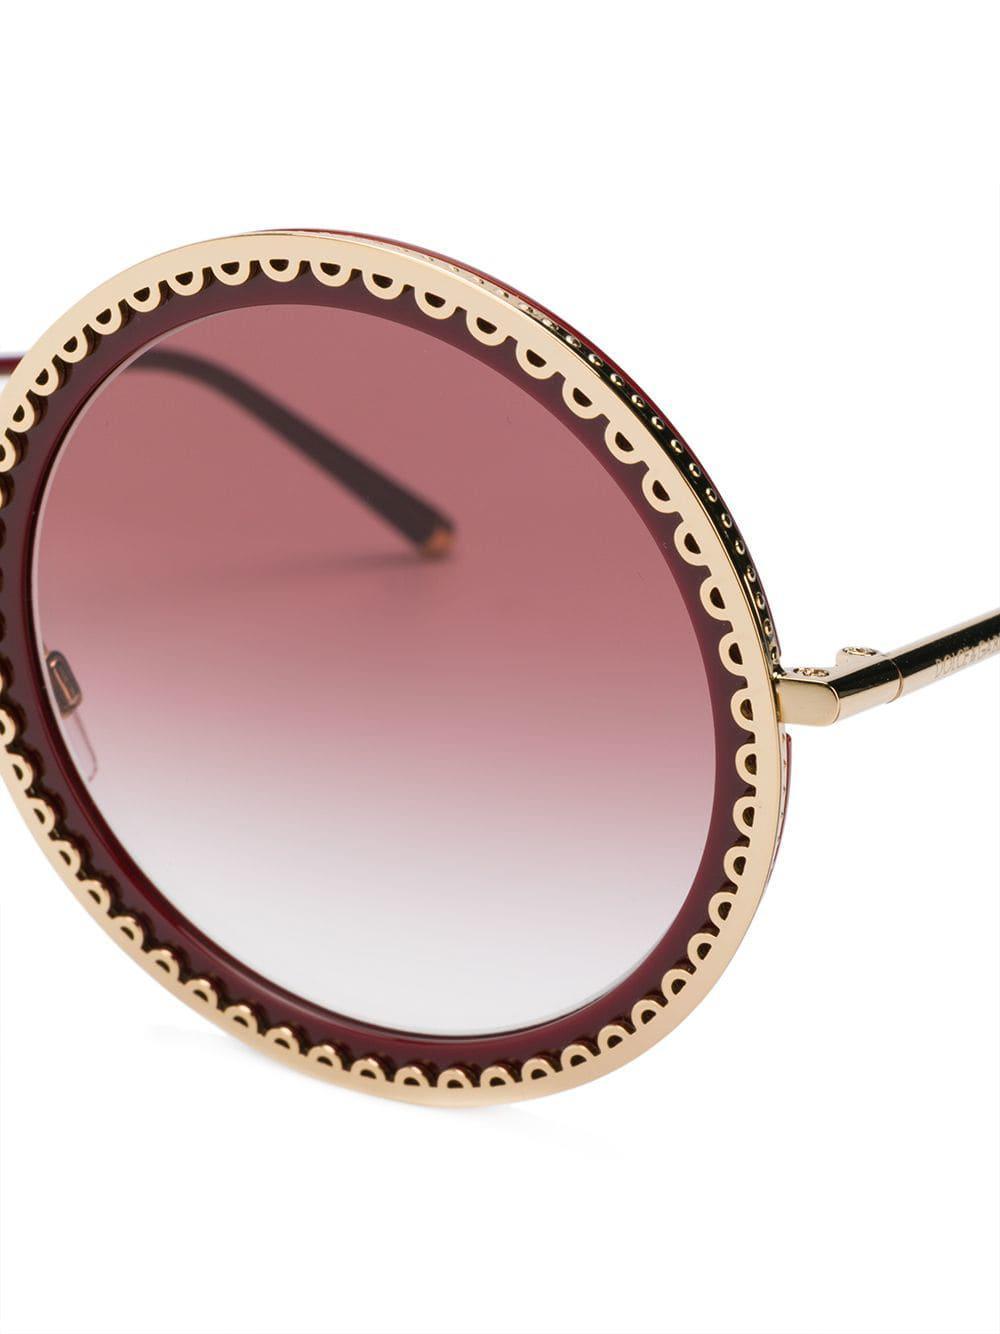 Sacro De Gabbana En Red Soleil Dolceamp; Coloris Lunettes Cuore WH9IED2